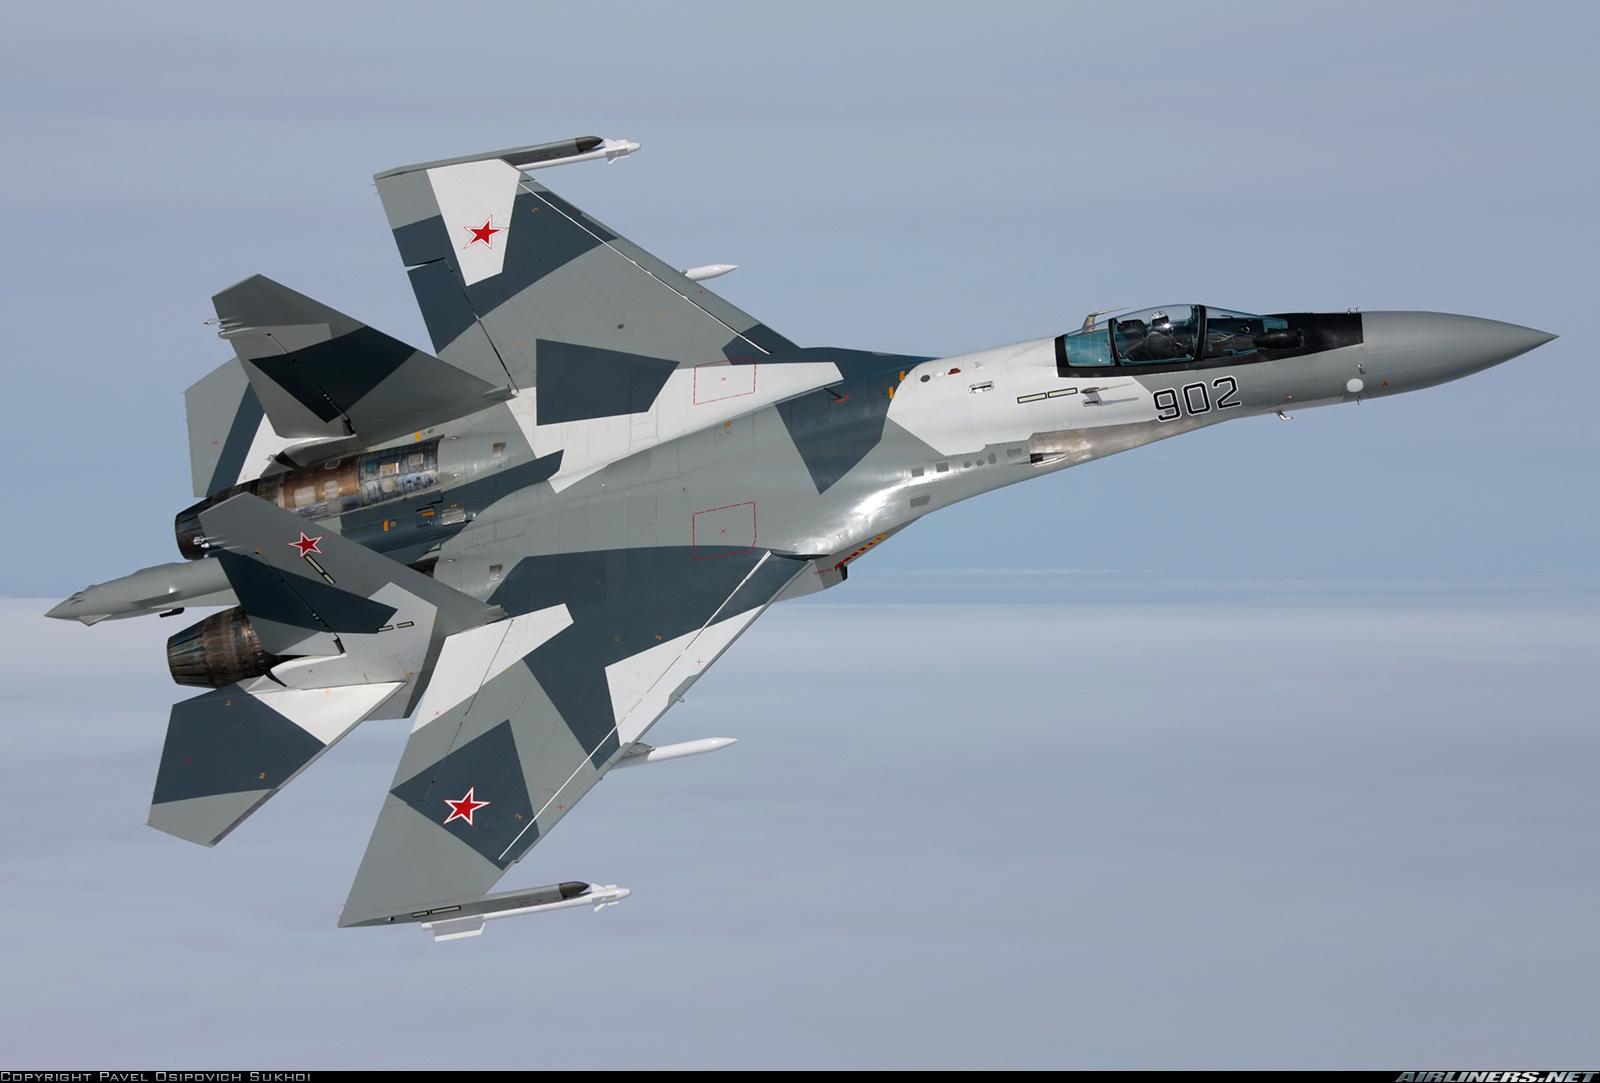 ... tornaram a oferecer o Su-35 ao Brasil durante a visita de Medvedev: armamentoedefesa.blogspot.com/2013/02/russos-tornaram-oferecer-o-su...